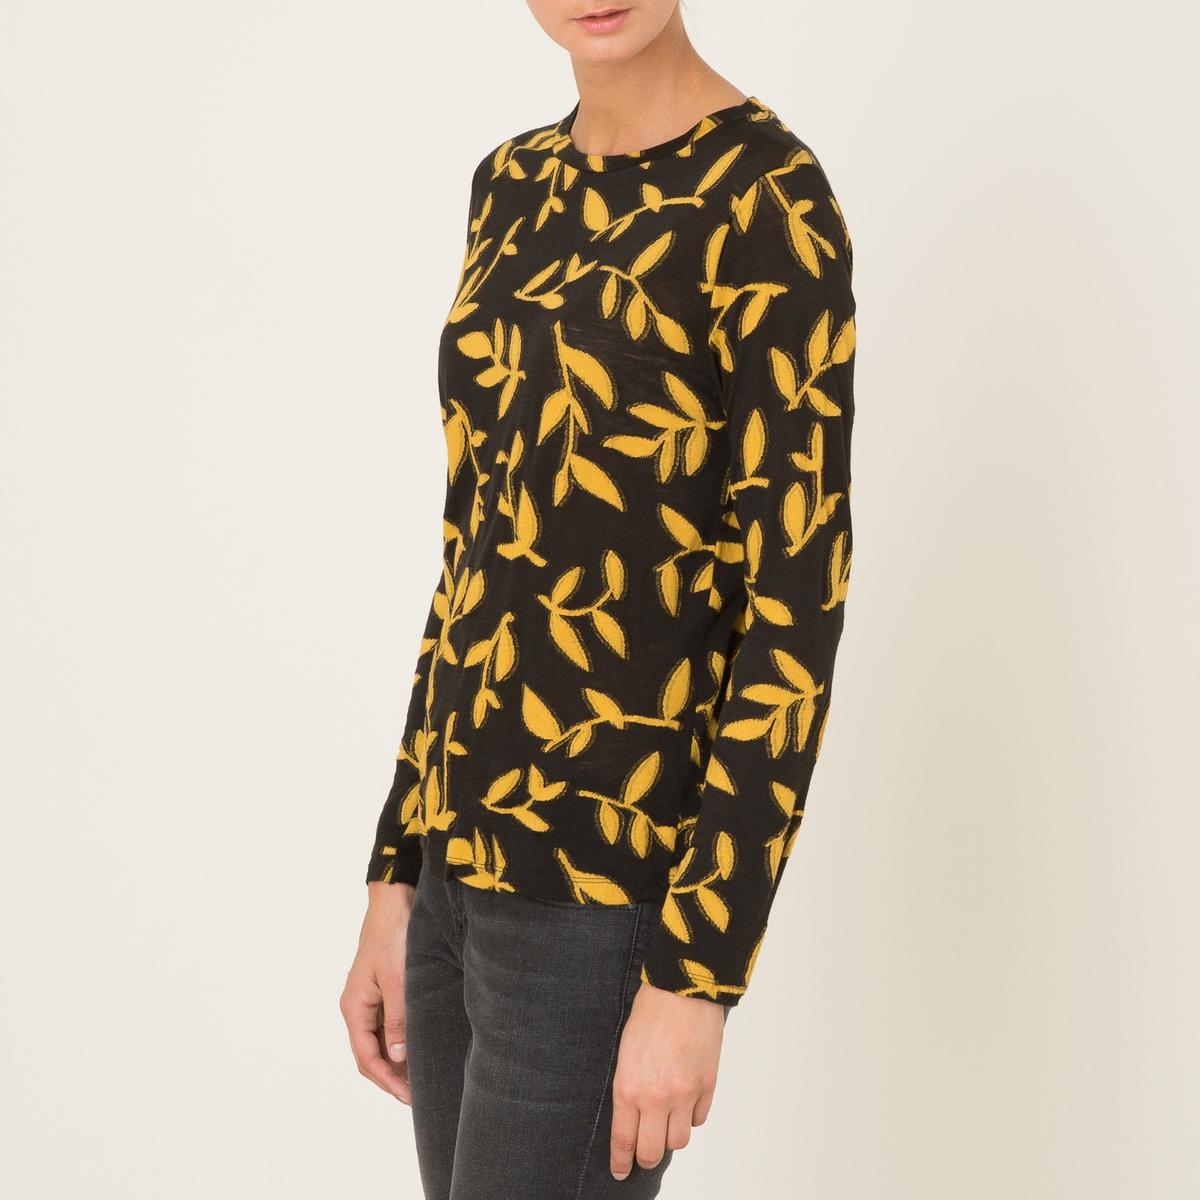 Пуловер REBECCAПуловер - модель REBECCA, из двухцветного жаккардового трикотажа. Объемный покрой. Круглый вырез. Длинные рукава. Сплошной цветочный рисунок.Состав и описание :Материал : 50% шерсти, 50% вискозыМарка : MOMONI<br><br>Цвет: черный/ желтый